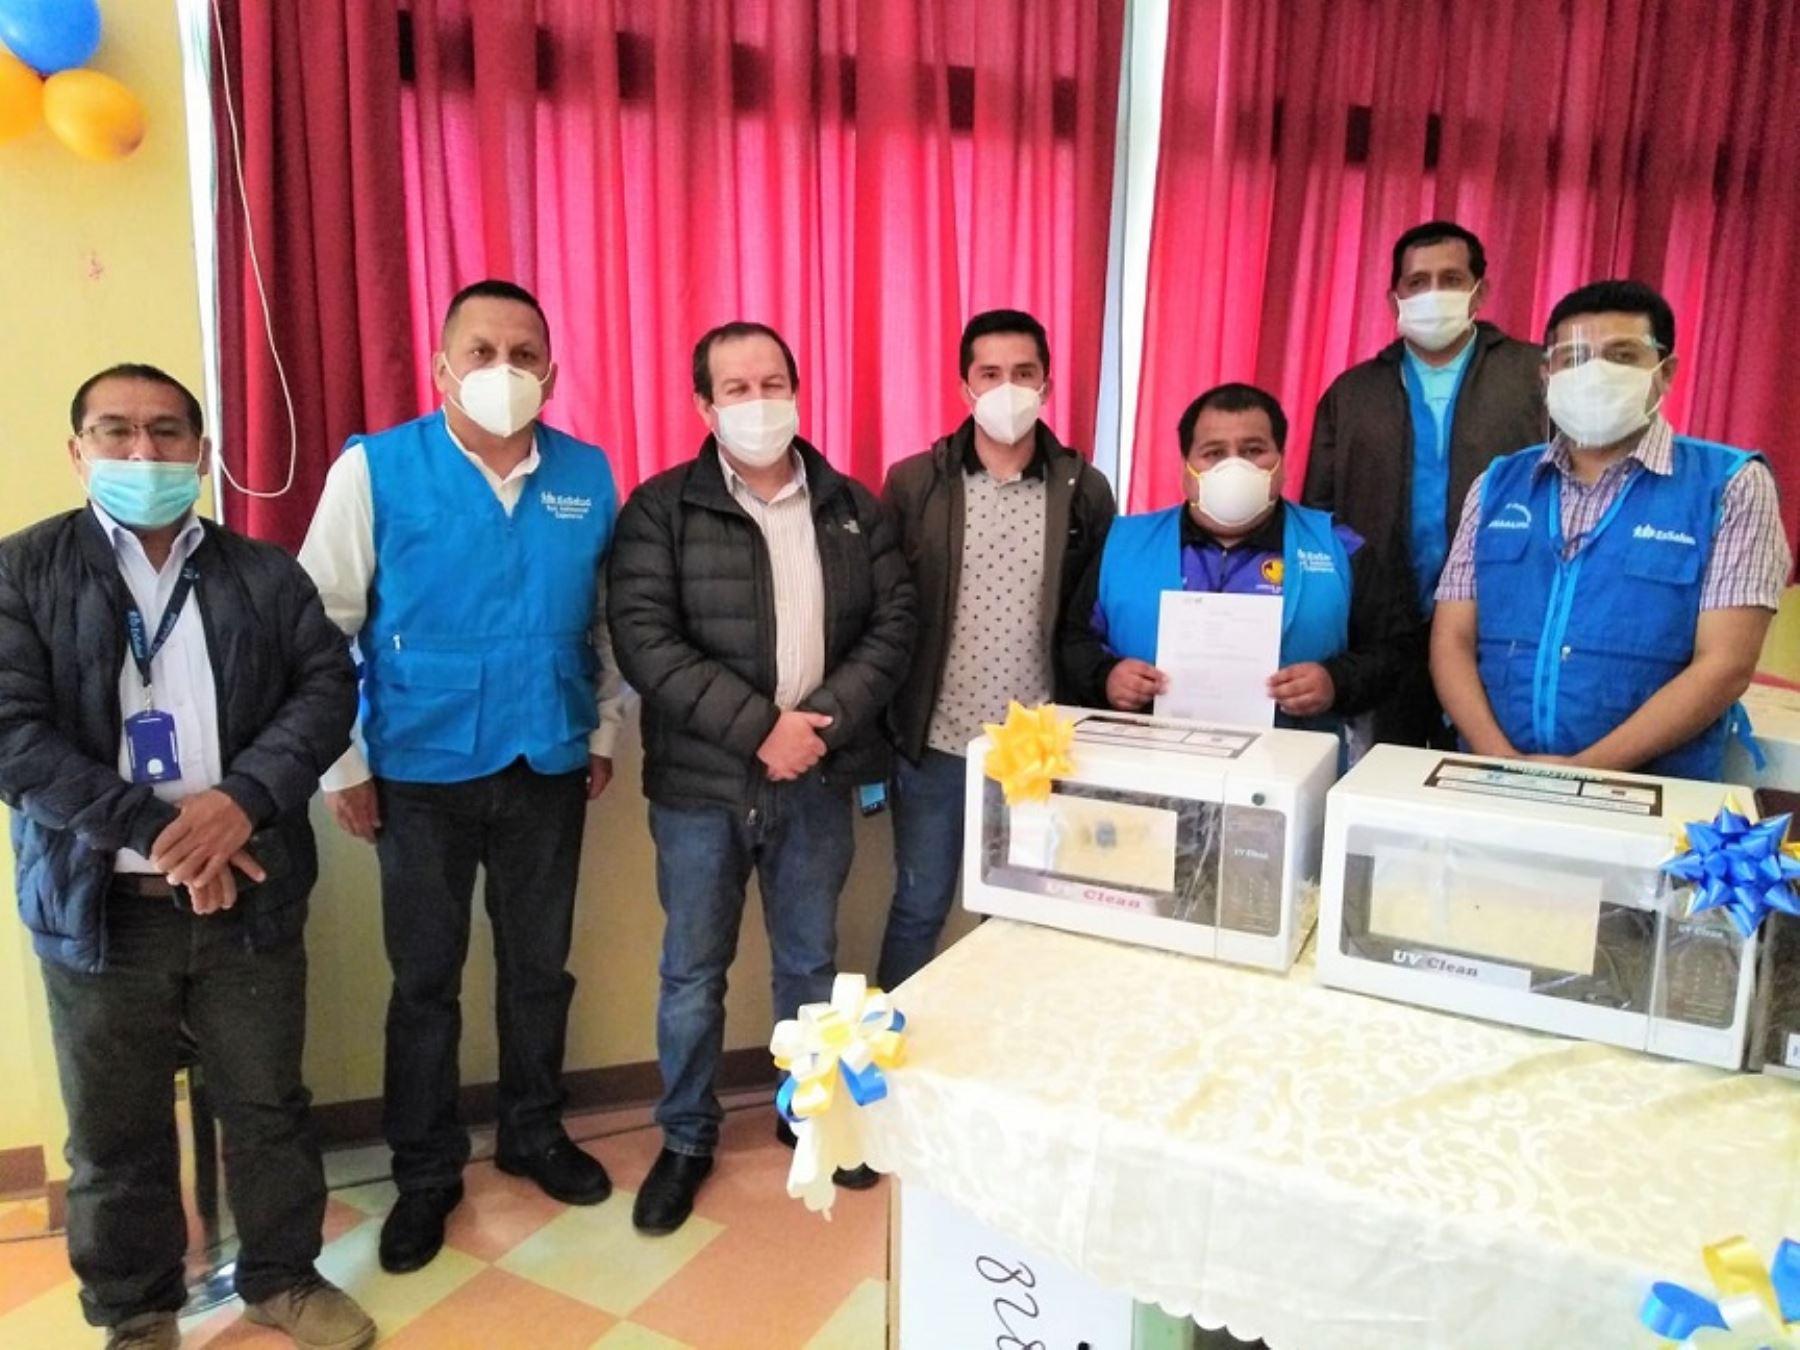 Los desarrolladores, Nery y Nilson, son estudiantes del noveno ciclo de Ingeniería Industrial en la Universidad Antonio Ruiz de Montoya (UARM), ganadores de la Beca 18 del Programa Nacional de Becas y Crédito Educativo (Pronabec) del Ministerio de Educación. Foto: Pronabec